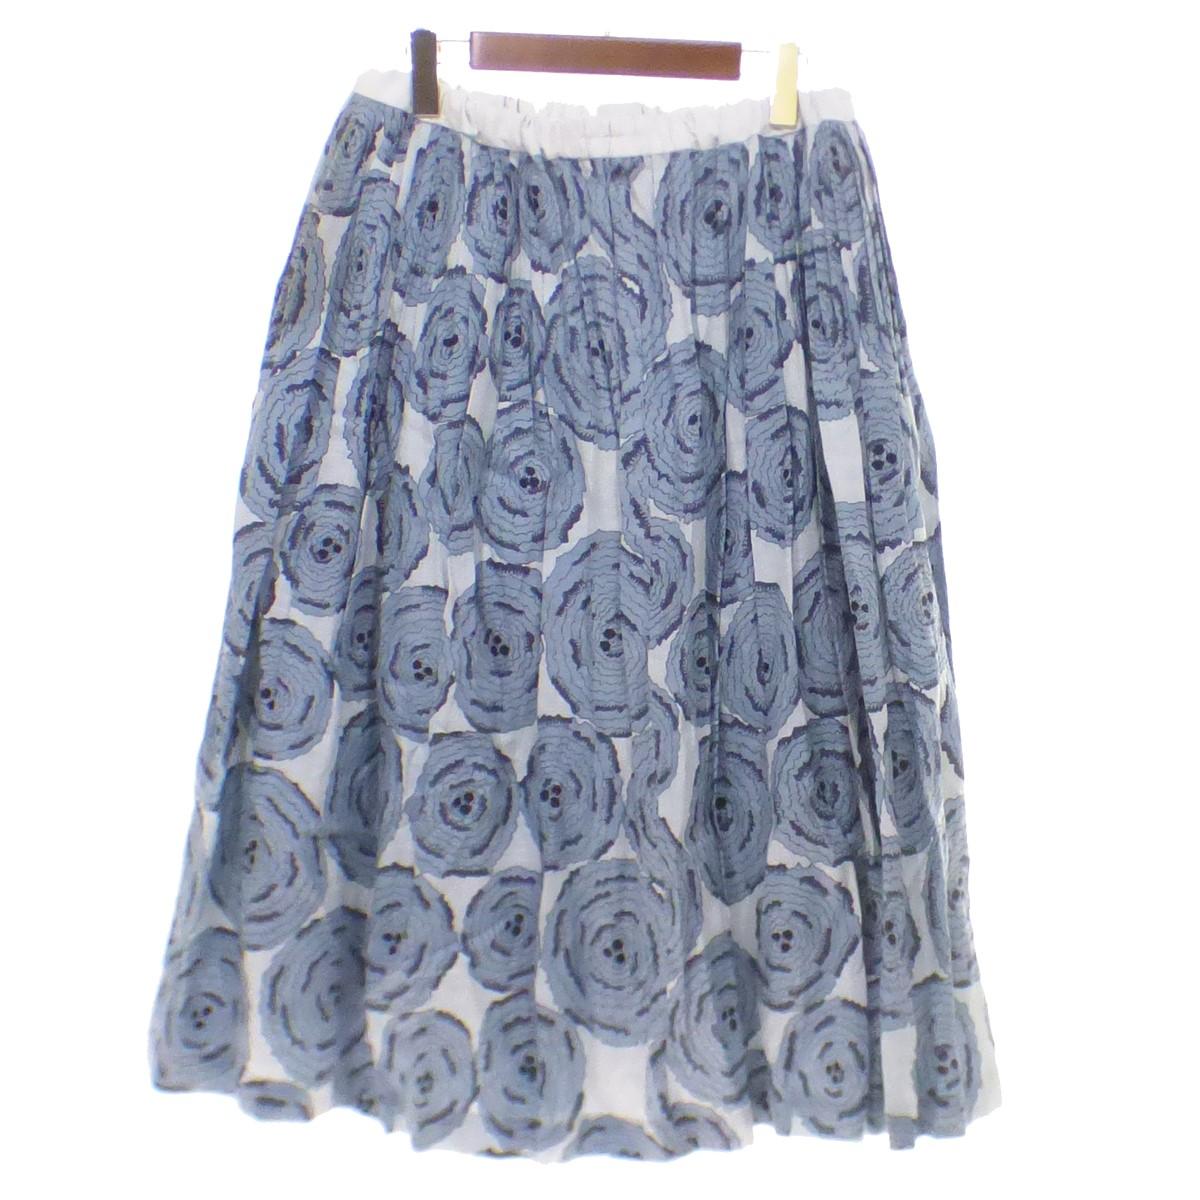 【中古】mina perhonen pirouette ギャザースカート ブルー サイズ:38 【150420】(ミナペルホネン)